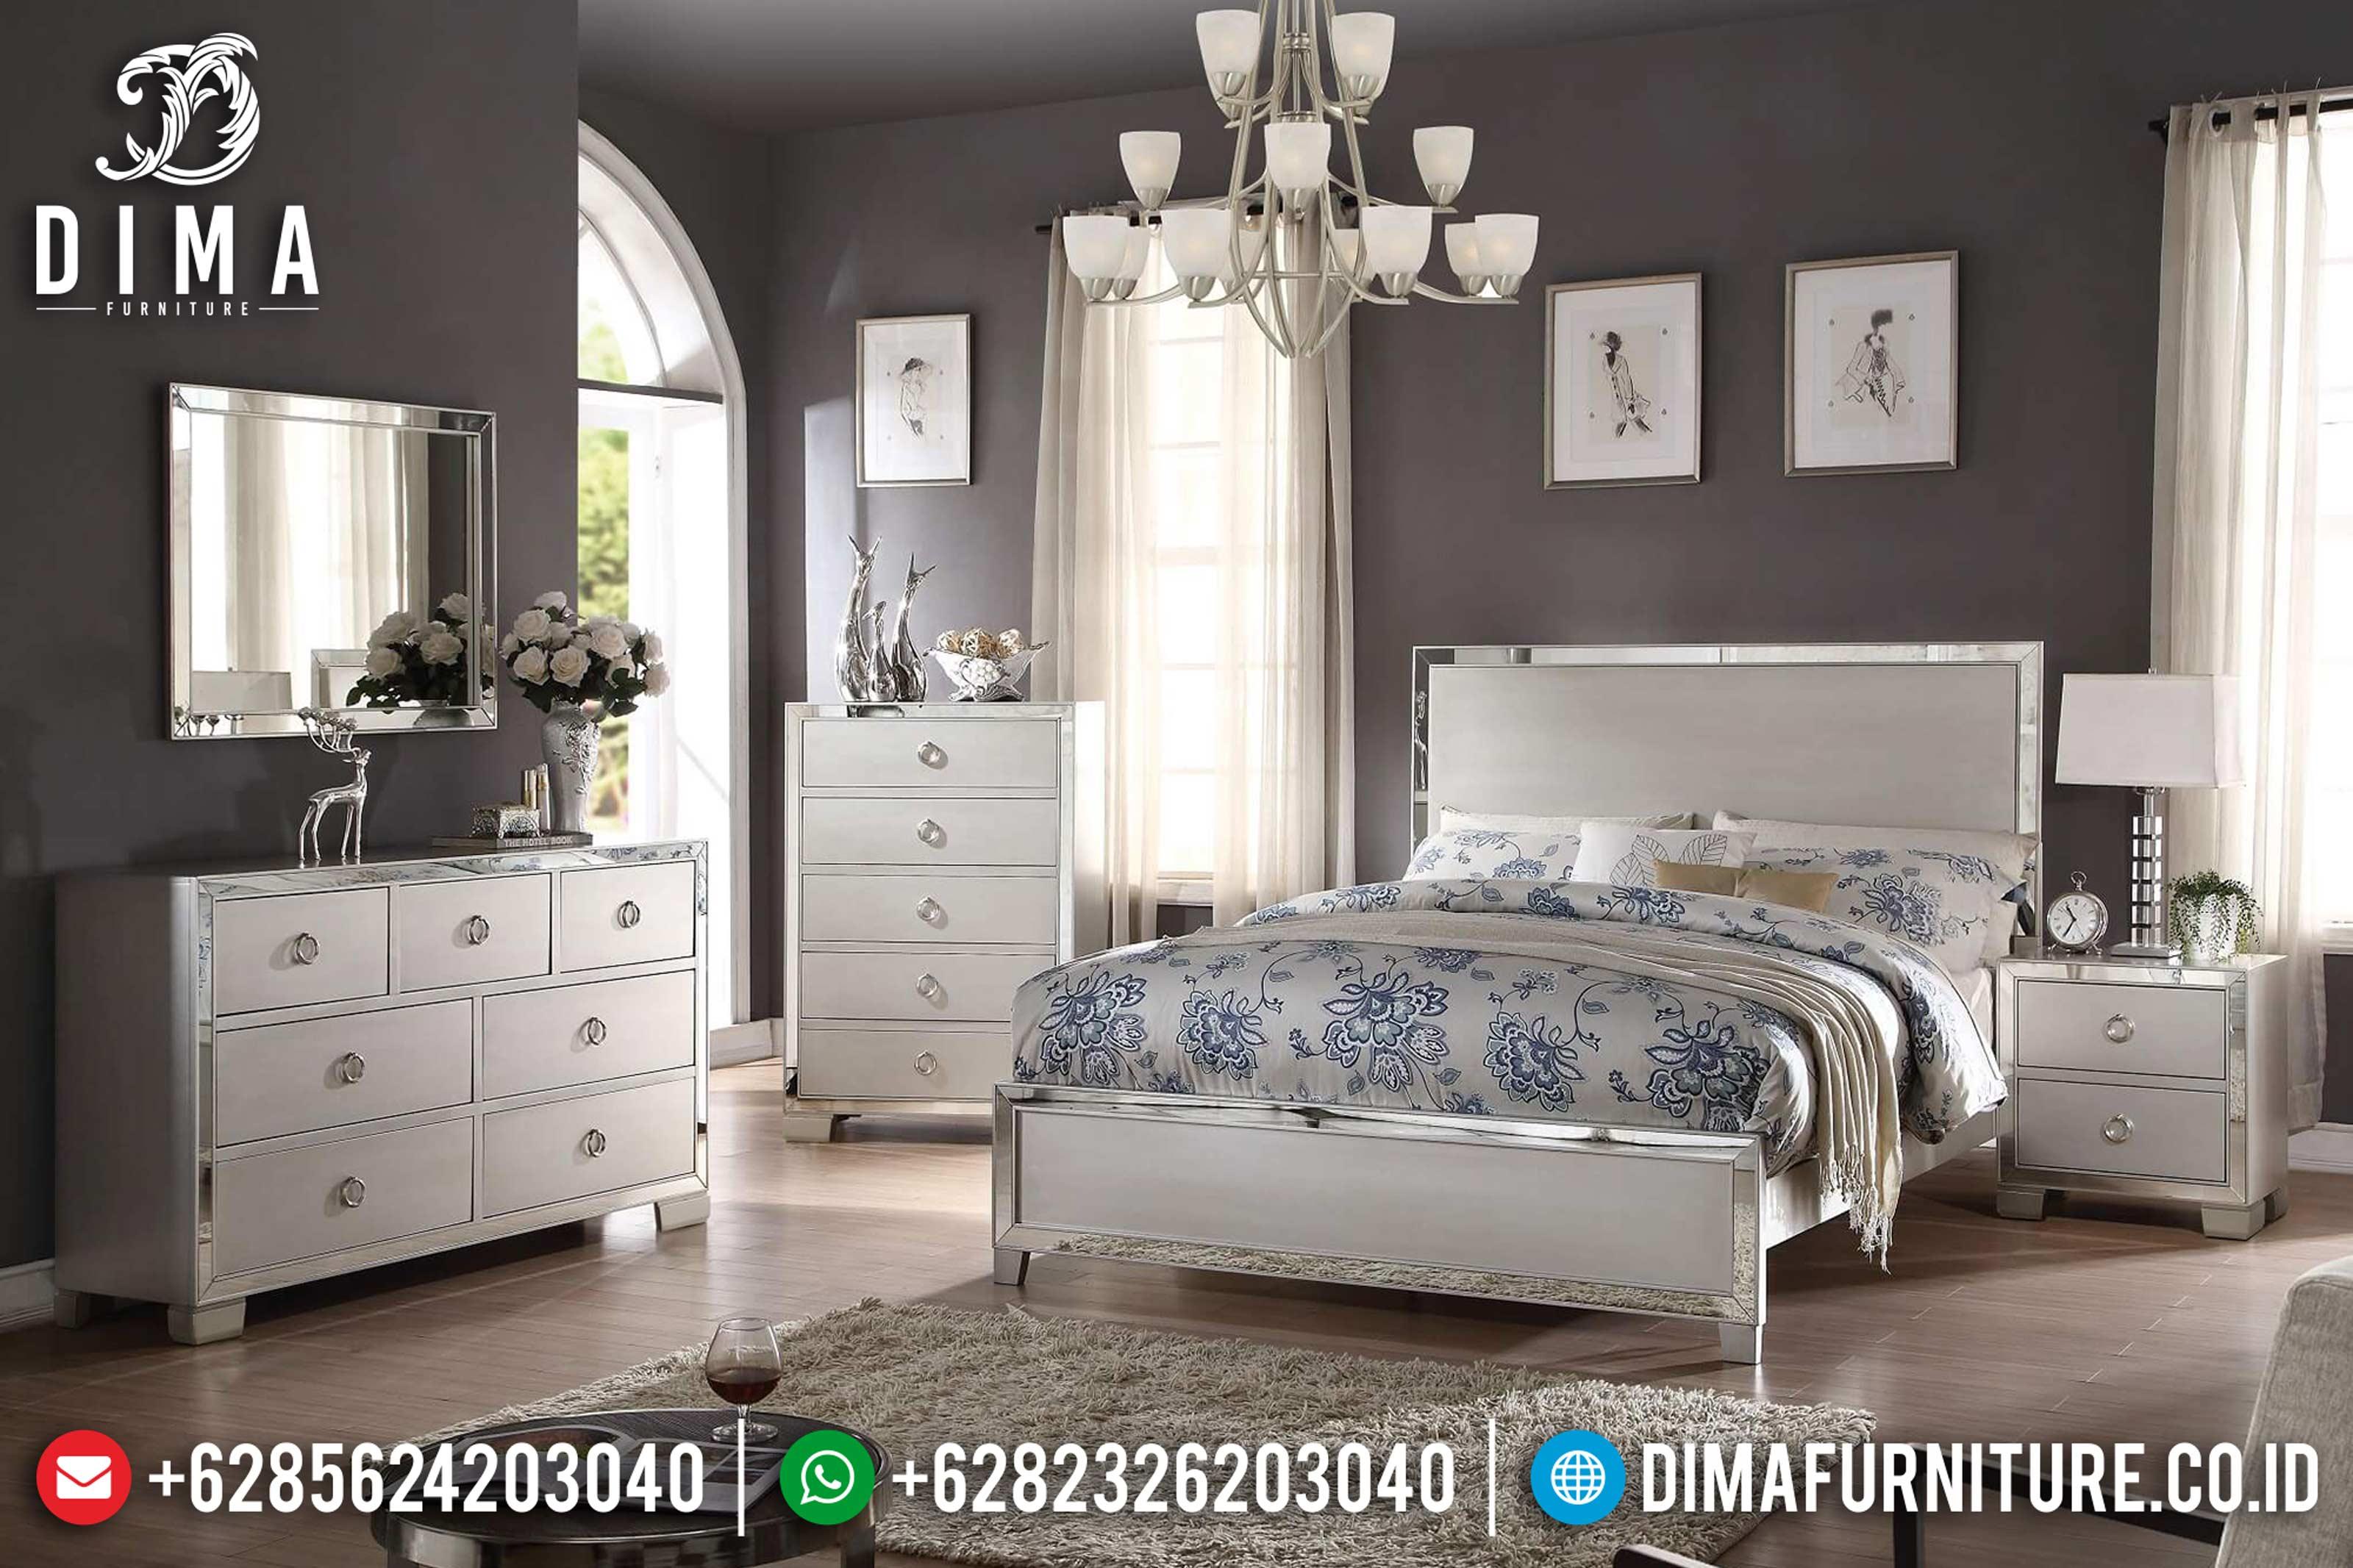 20+ Tempat Tidur Jepara Mewah Dan Minimalis Pilihan Tahun 2019 012 Dima Furniture Jepara